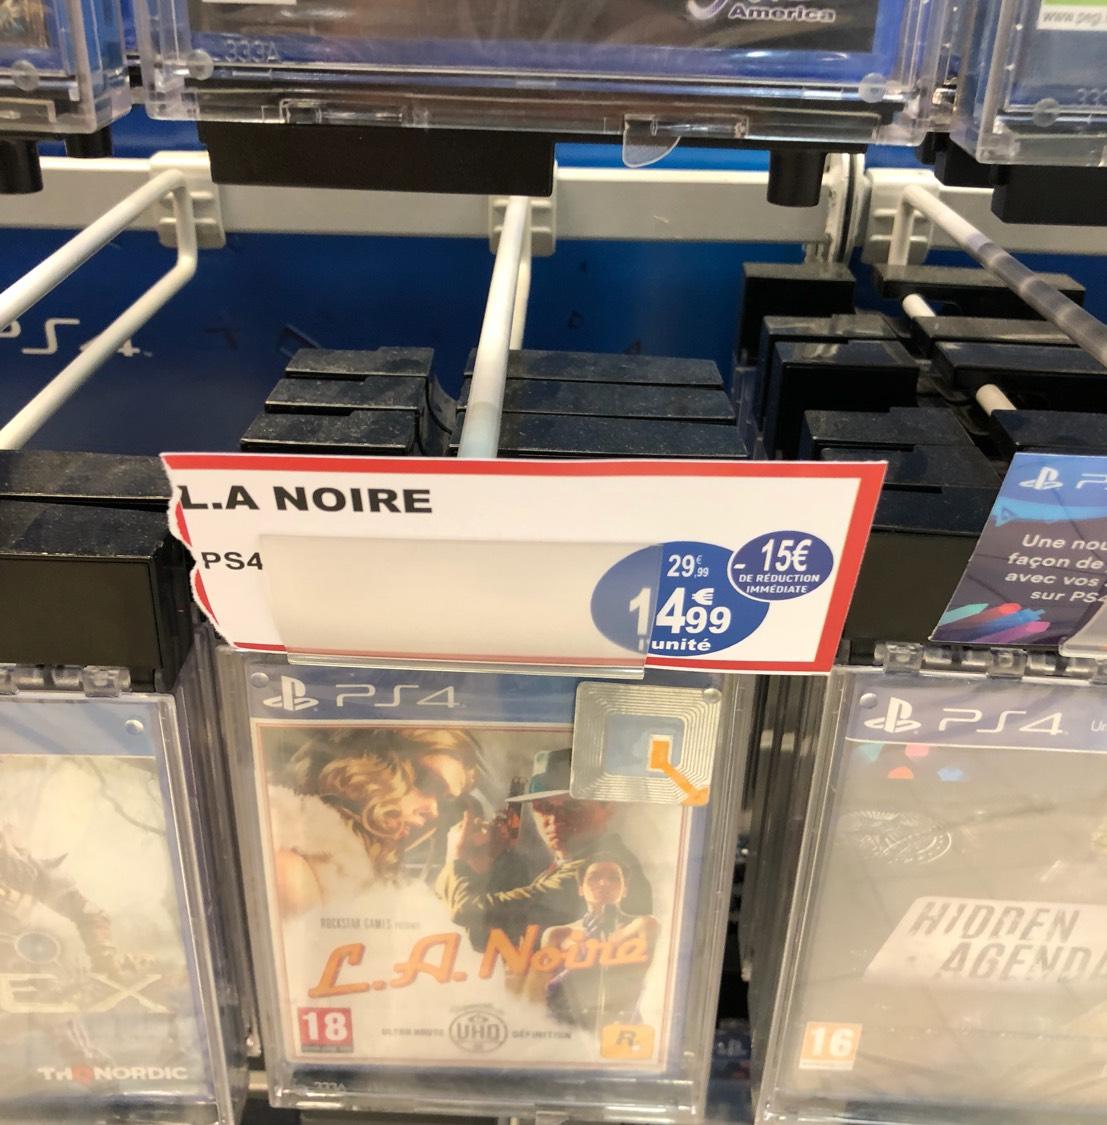 Jeu L.A. Noire sur PS4 - Leclerc Champleury (51)